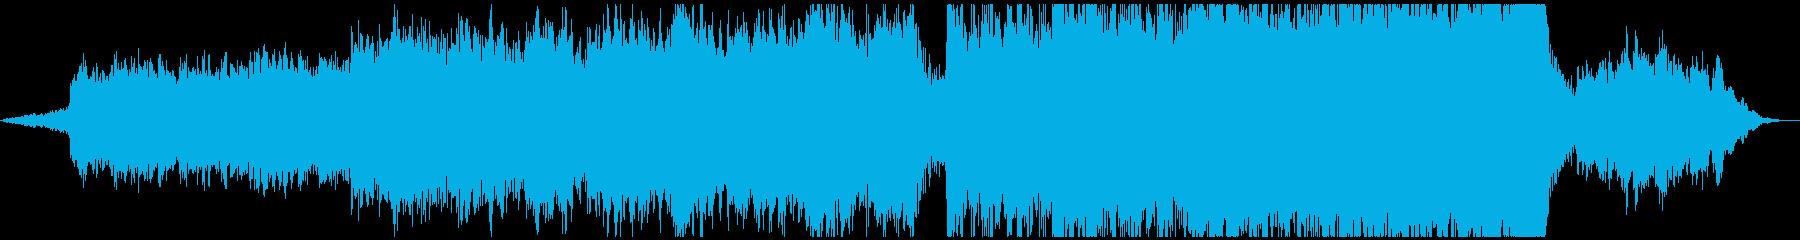 現代的 交響曲 コーポレート ほの...の再生済みの波形